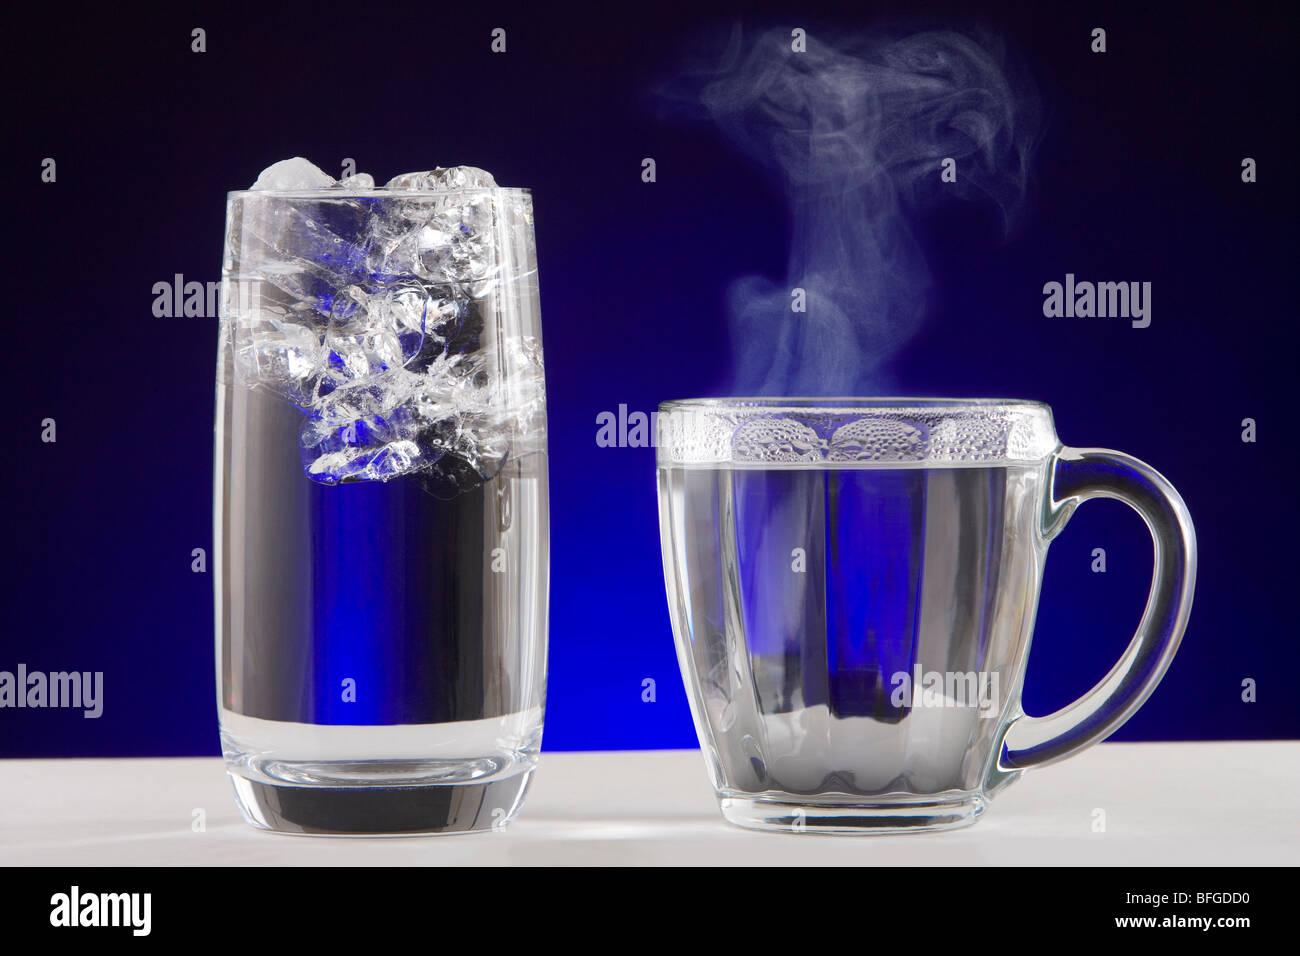 Eis-Dampf-Wasser. Ein Glas Eiswasser und einer Teetasse heiß dampfende Wasser. Stockbild